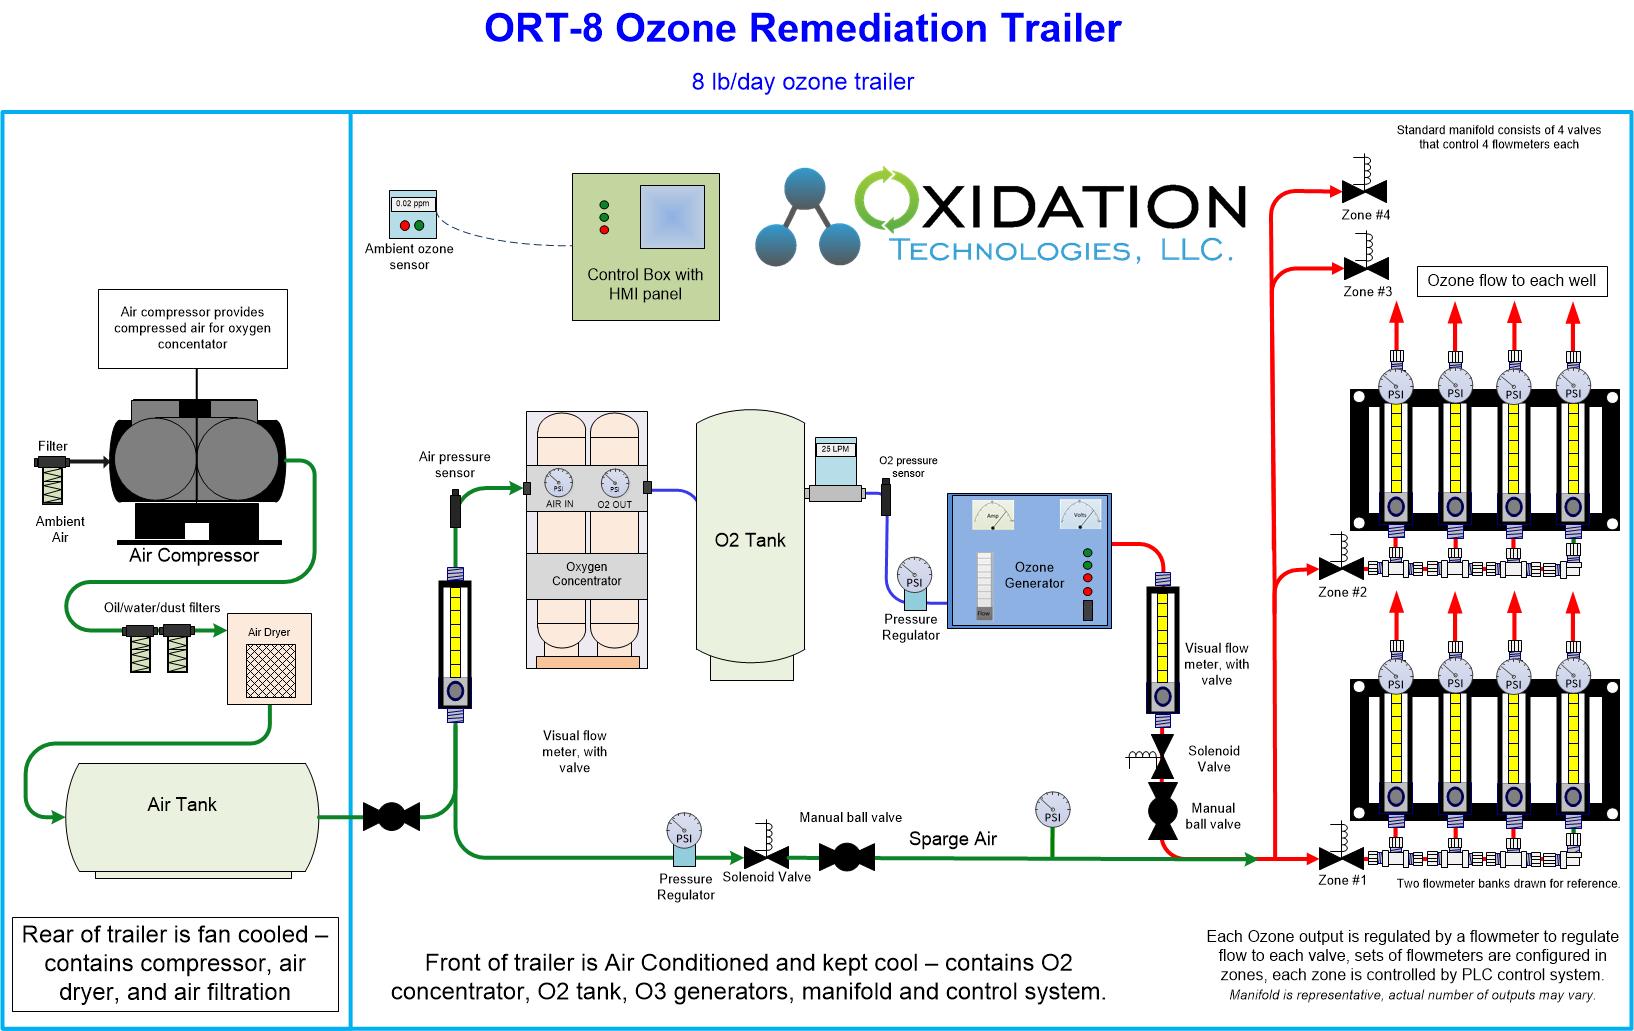 6 lb/day ozone remediation trailer diagram